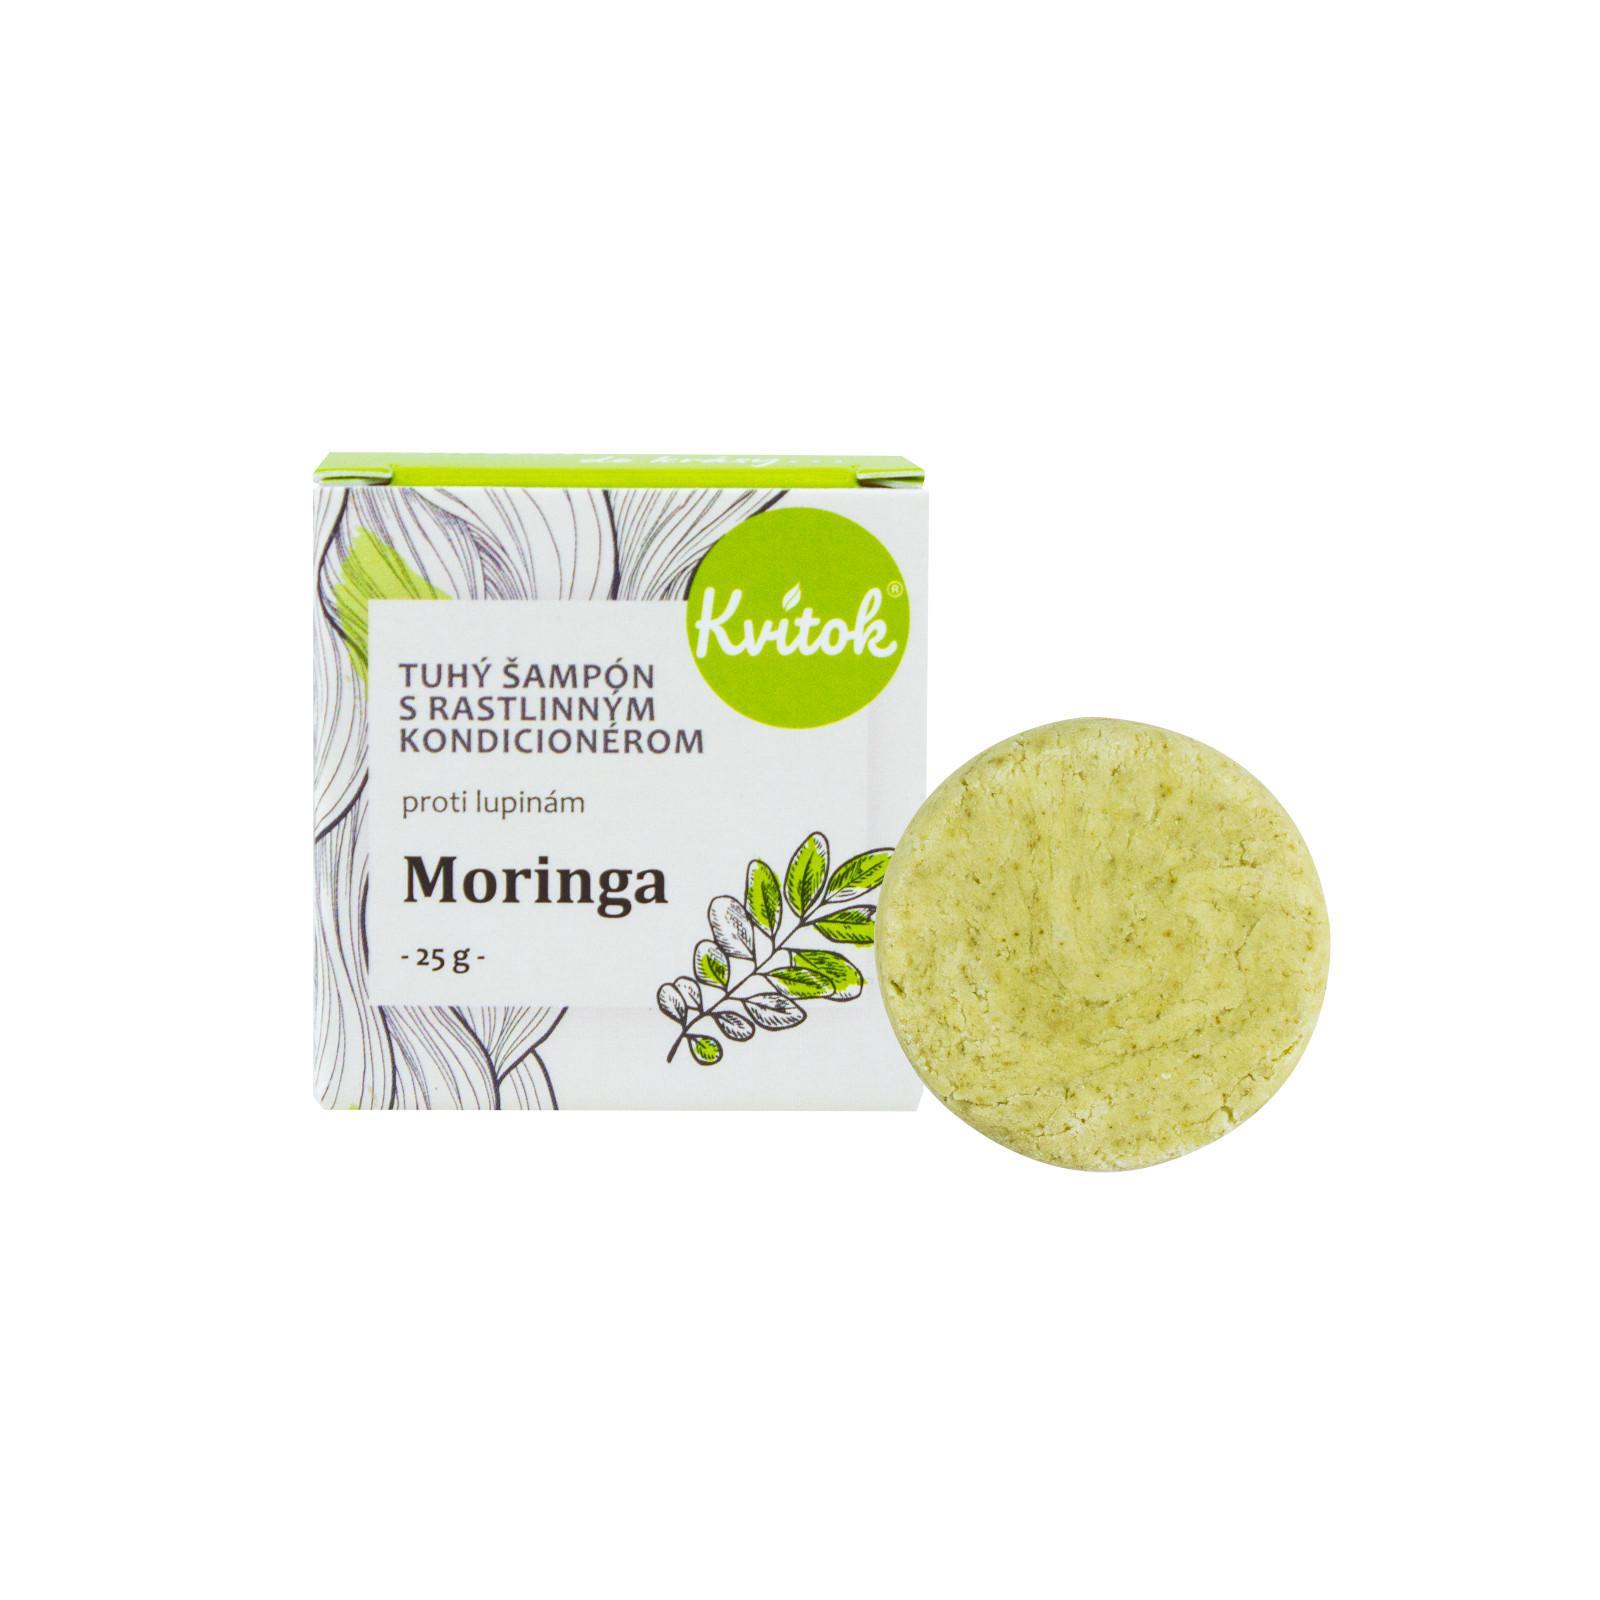 Navia/Kvitok Tuhý šampon s rostliným kondicionérem, Moringa 25 g